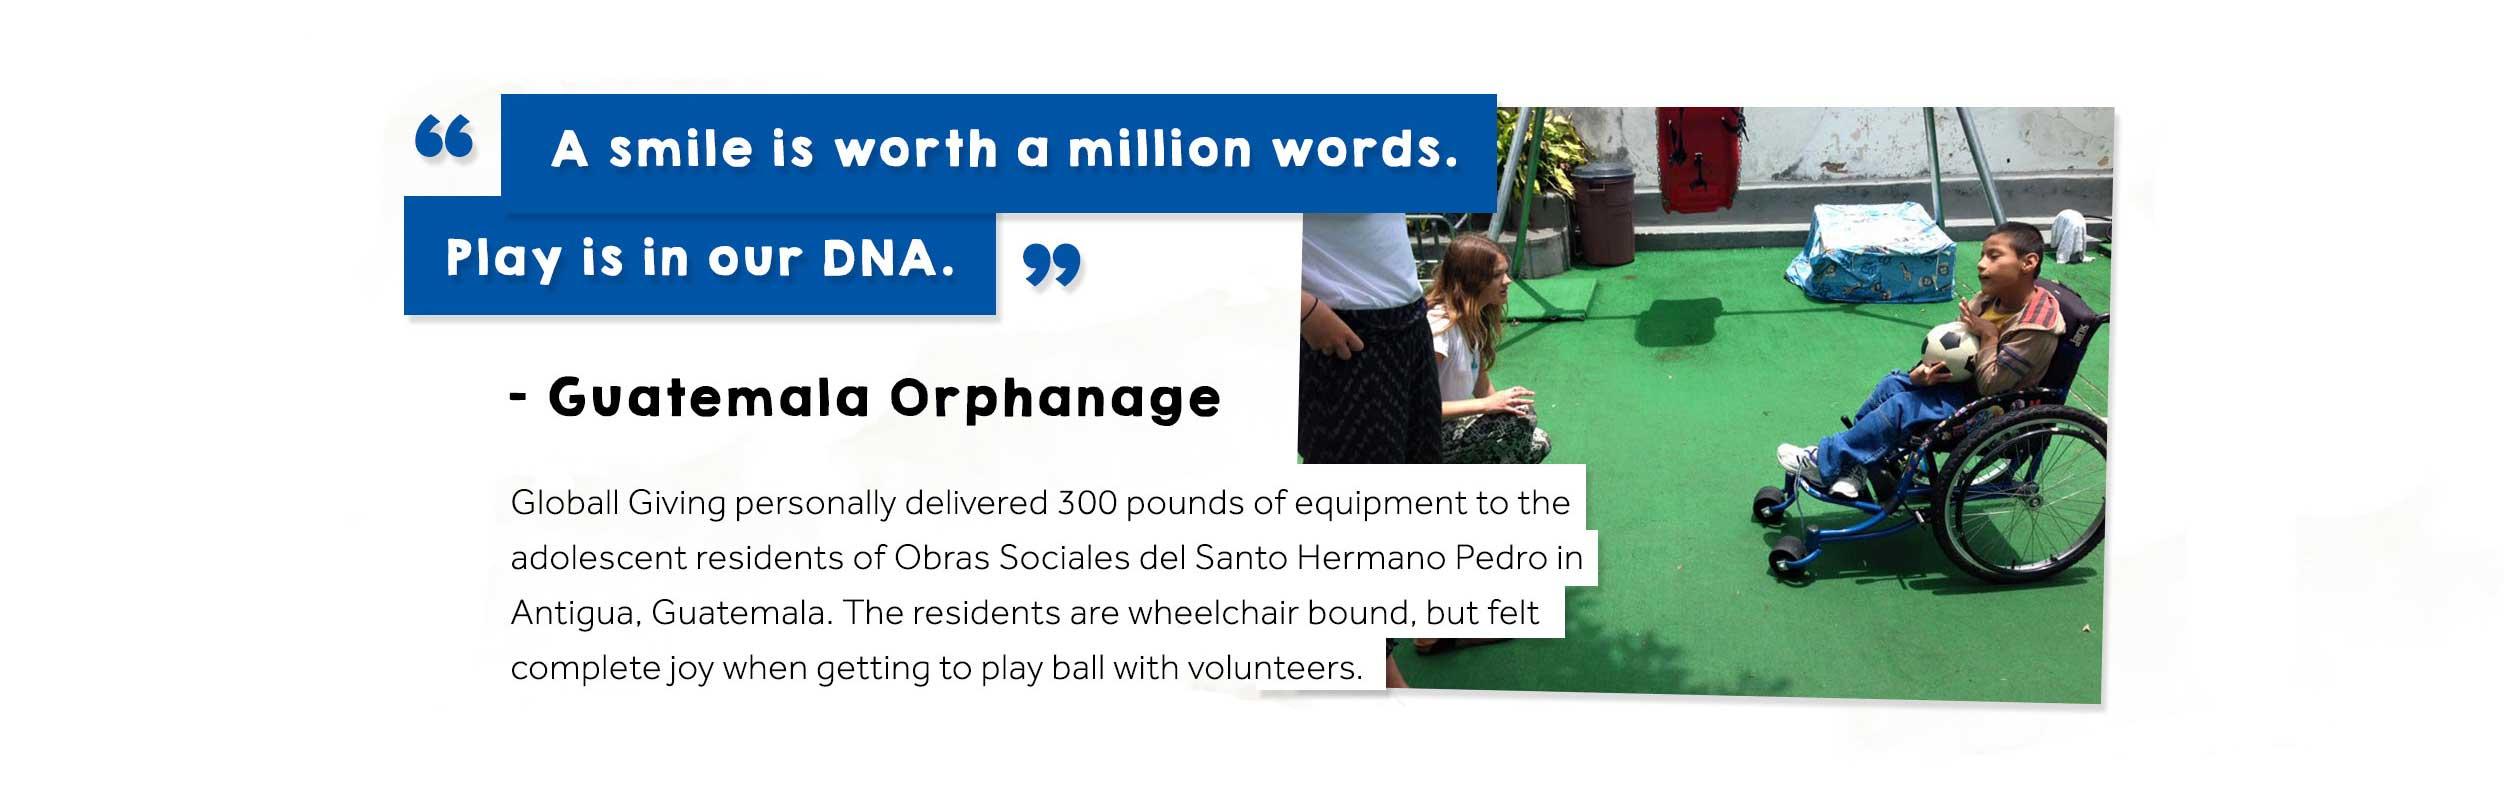 Guatemala Orphanage